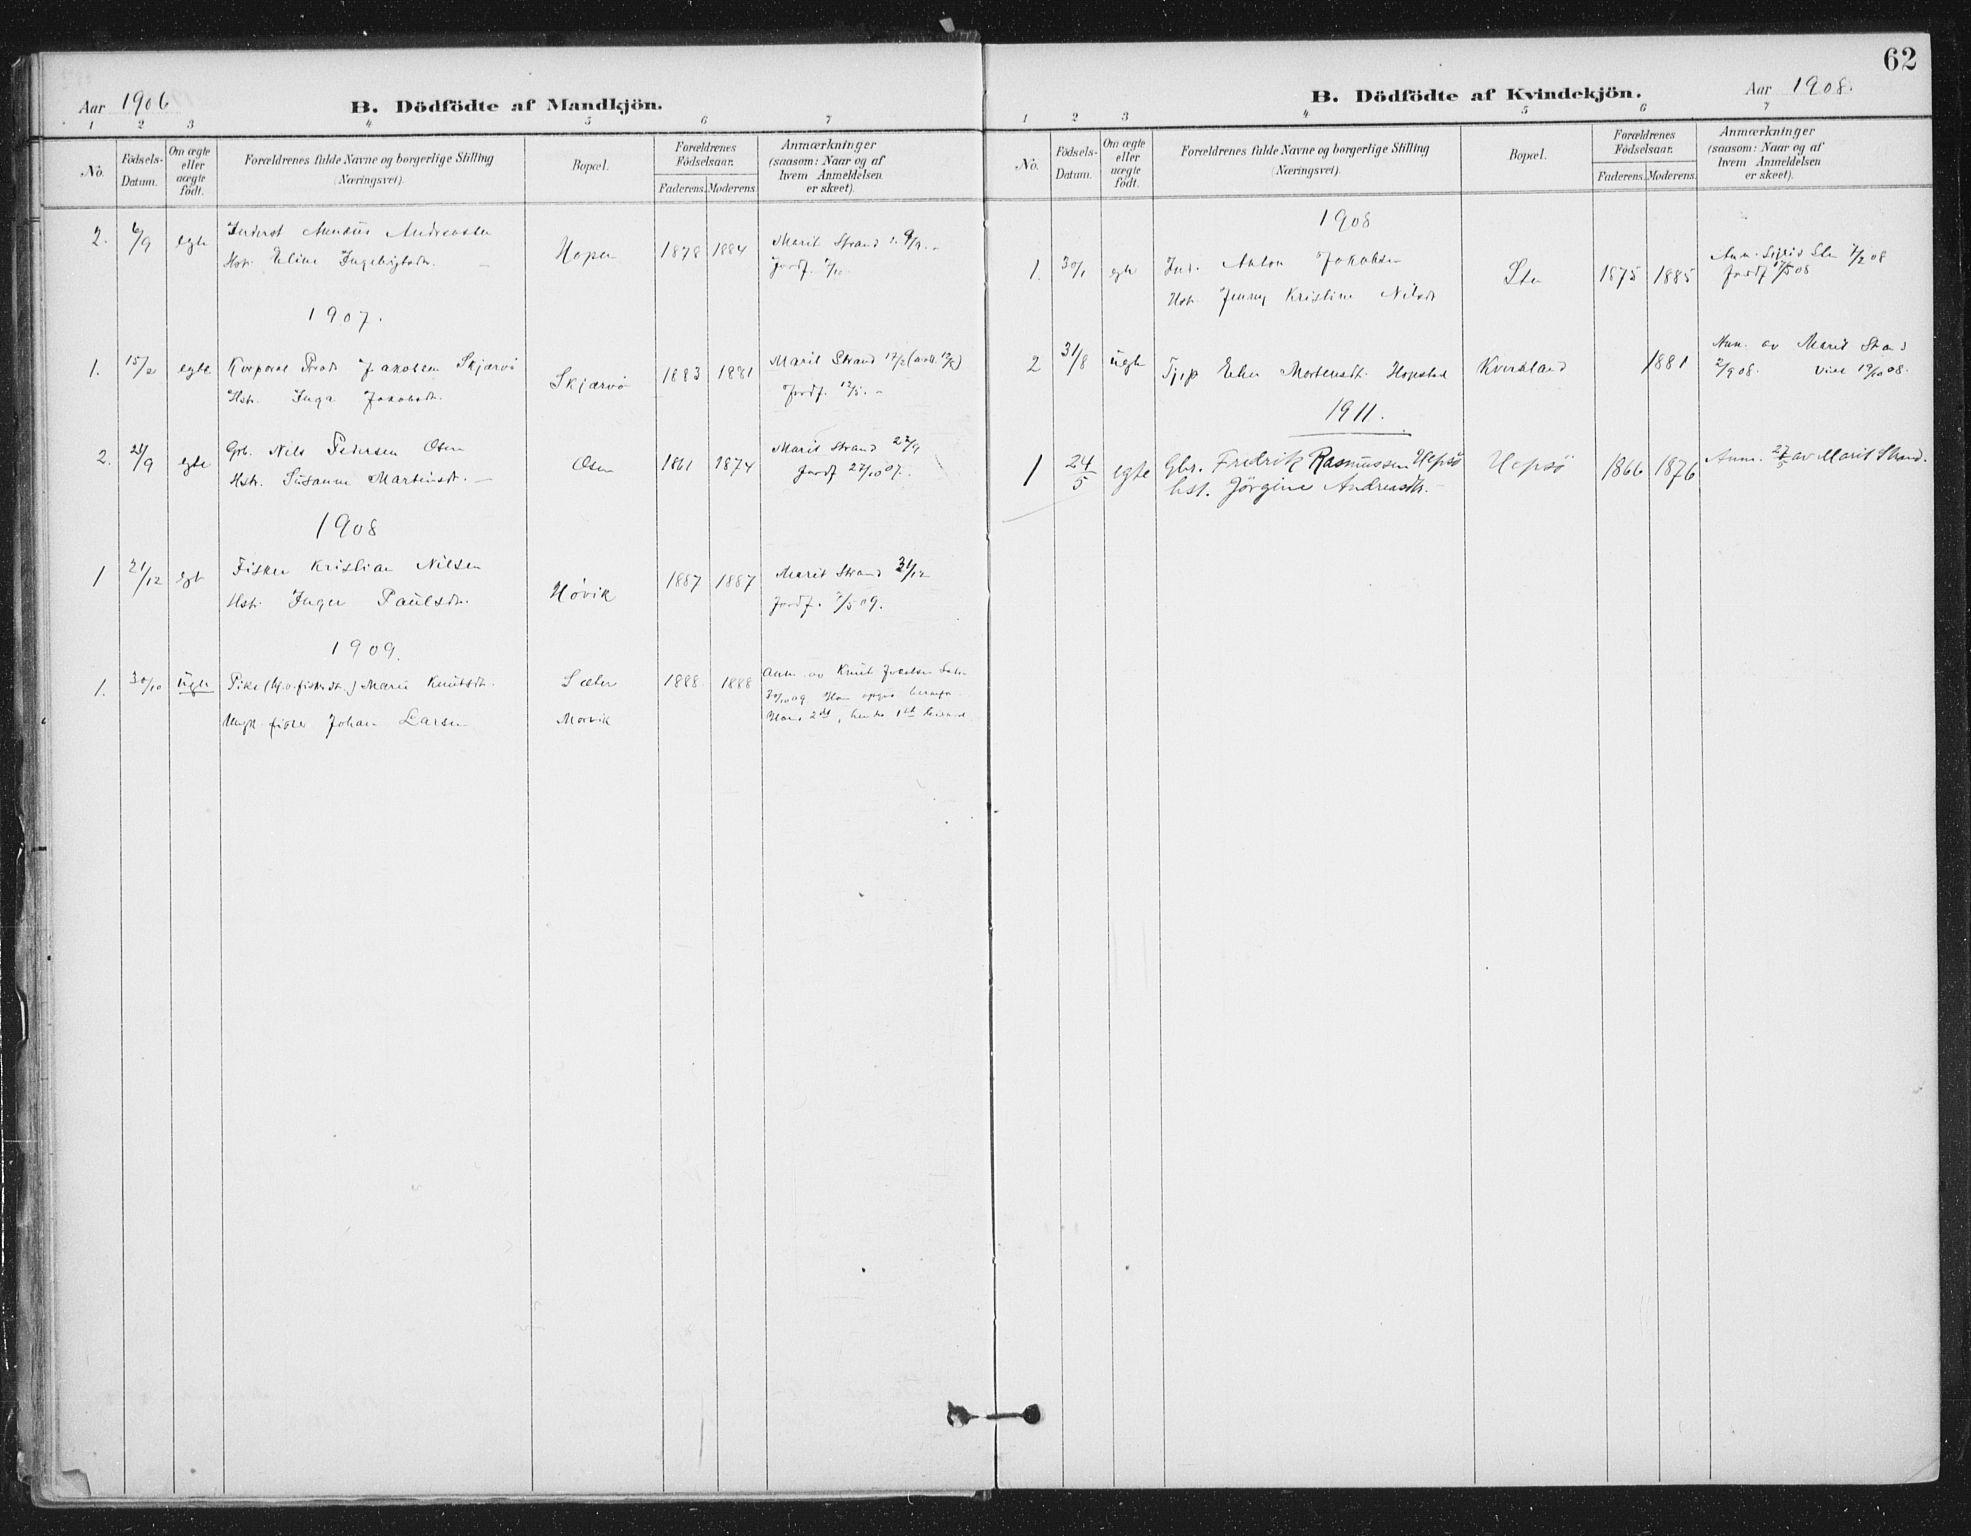 SAT, Ministerialprotokoller, klokkerbøker og fødselsregistre - Sør-Trøndelag, 658/L0723: Ministerialbok nr. 658A02, 1897-1912, s. 62